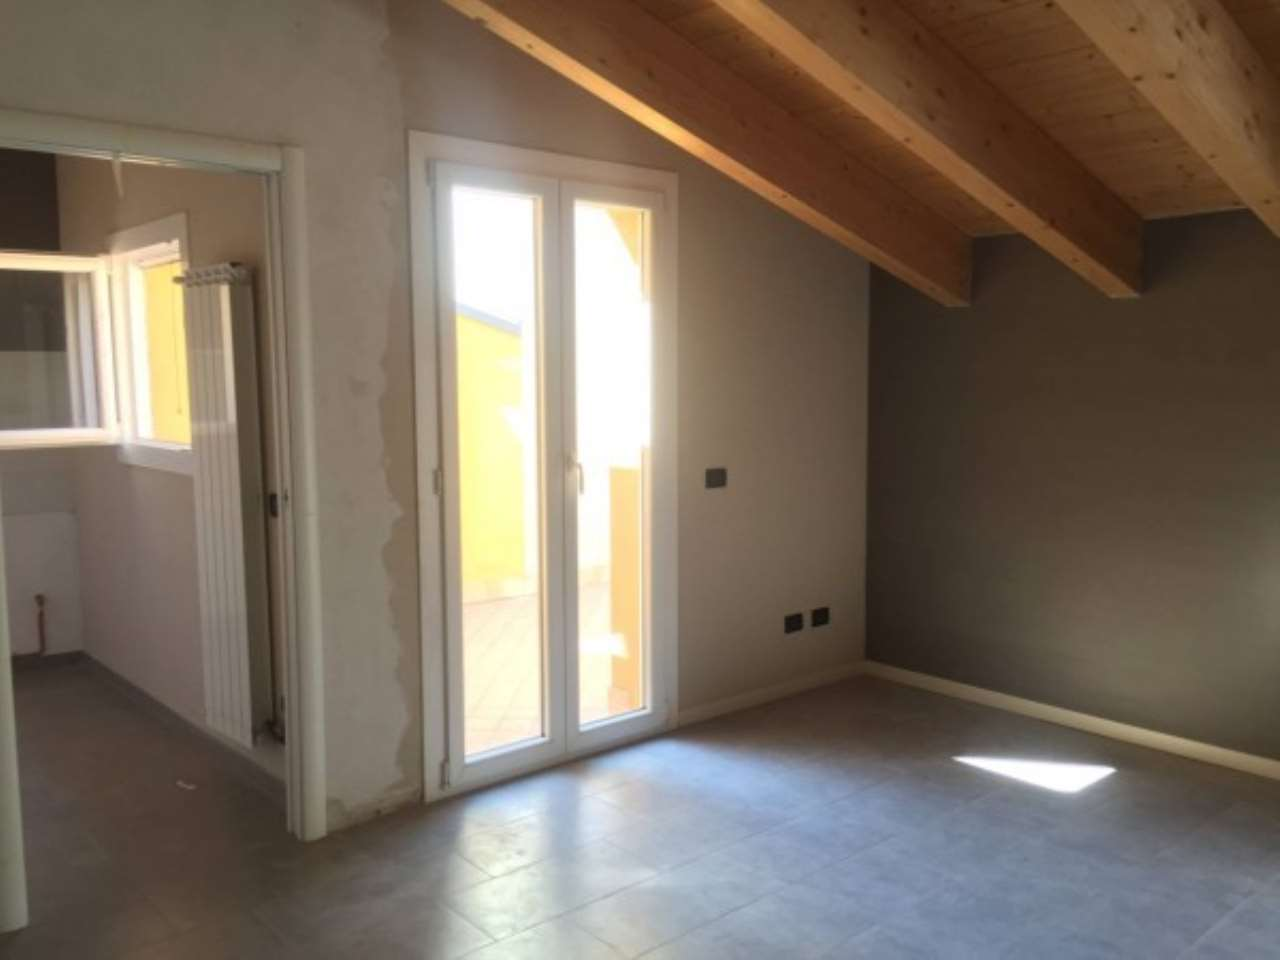 Attico / Mansarda in affitto a Mantova, 4 locali, prezzo € 550 | Cambio Casa.it